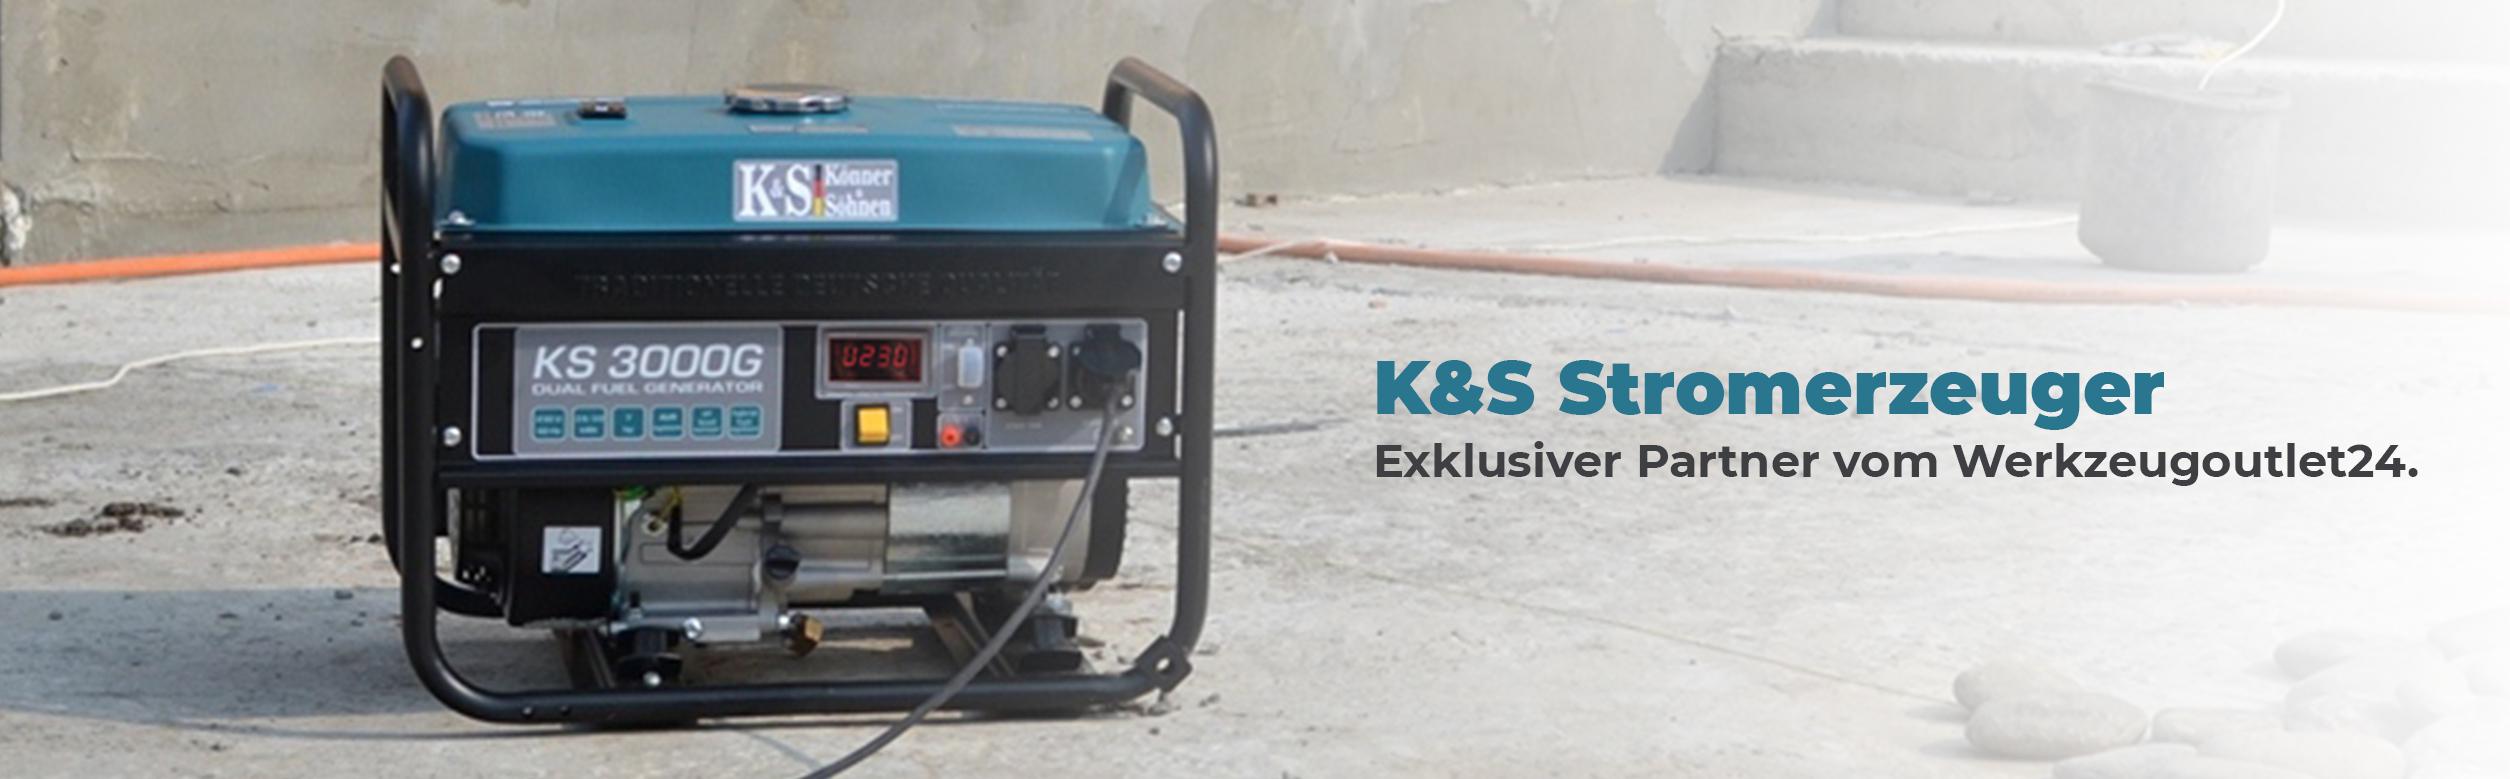 K-S-Exklusiver-Partner